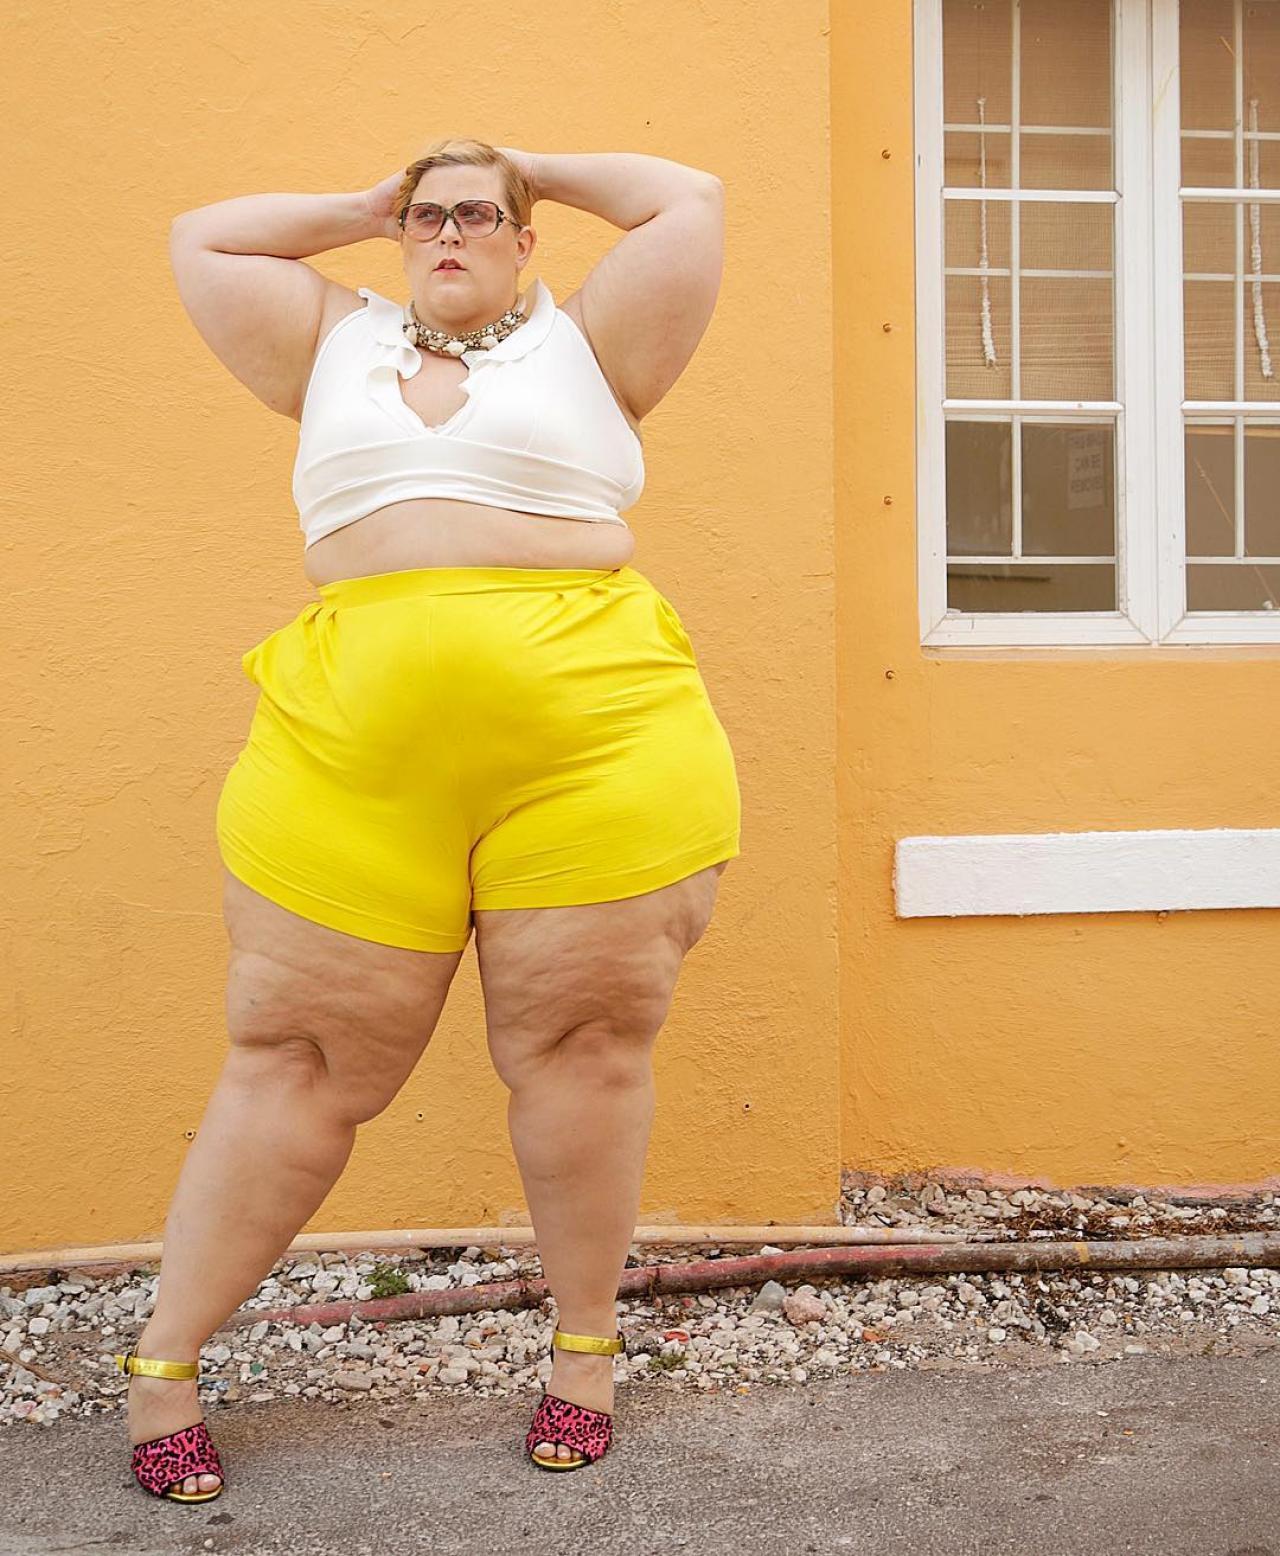 Картинки толстая женщина